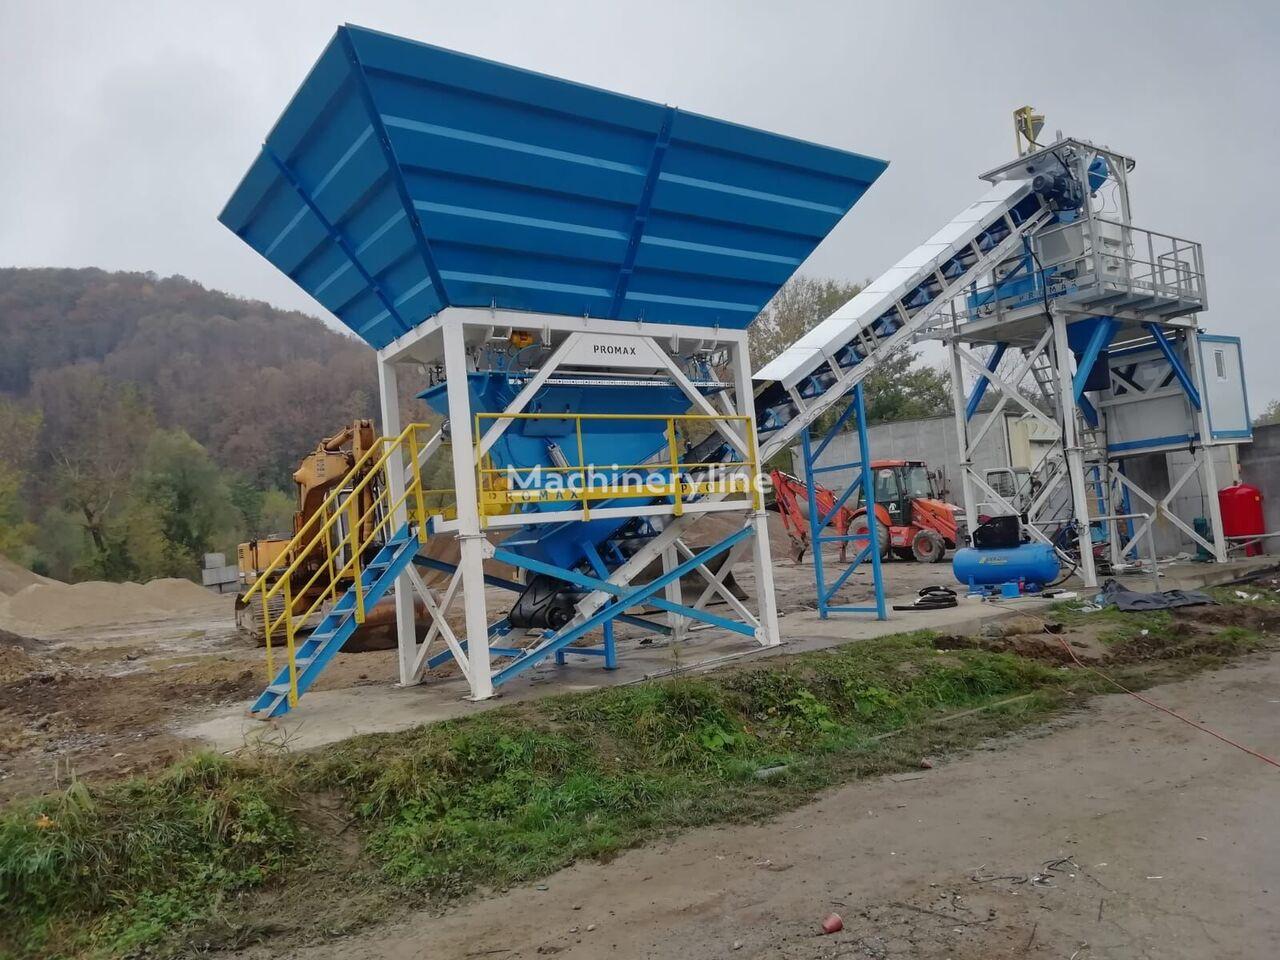 PROMAX Compact Concrete Batching Plant C60-SNG-PLUS (60m3/h) concrete plant